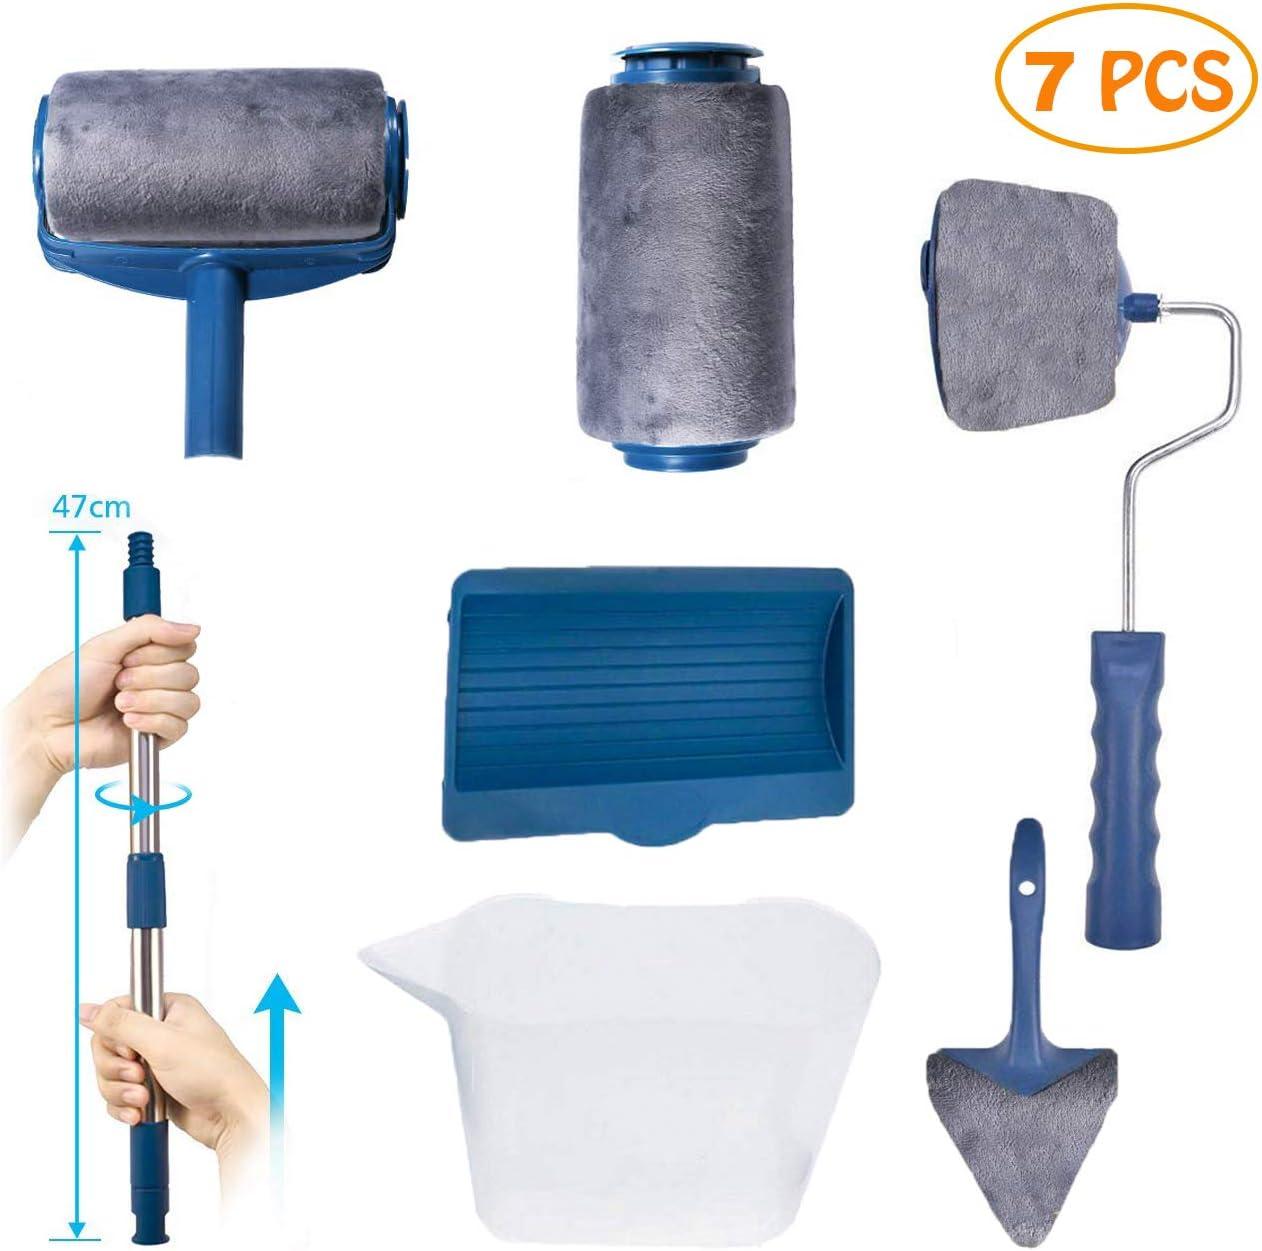 Paint Roller Brush Kit, 7pcs Roller Paint Brush Foam Set, Multifunctional House Paint Roller Brush Kit for House, Office & Ceiling Painting Paint Roller Quick & Easy Paint Runner Set